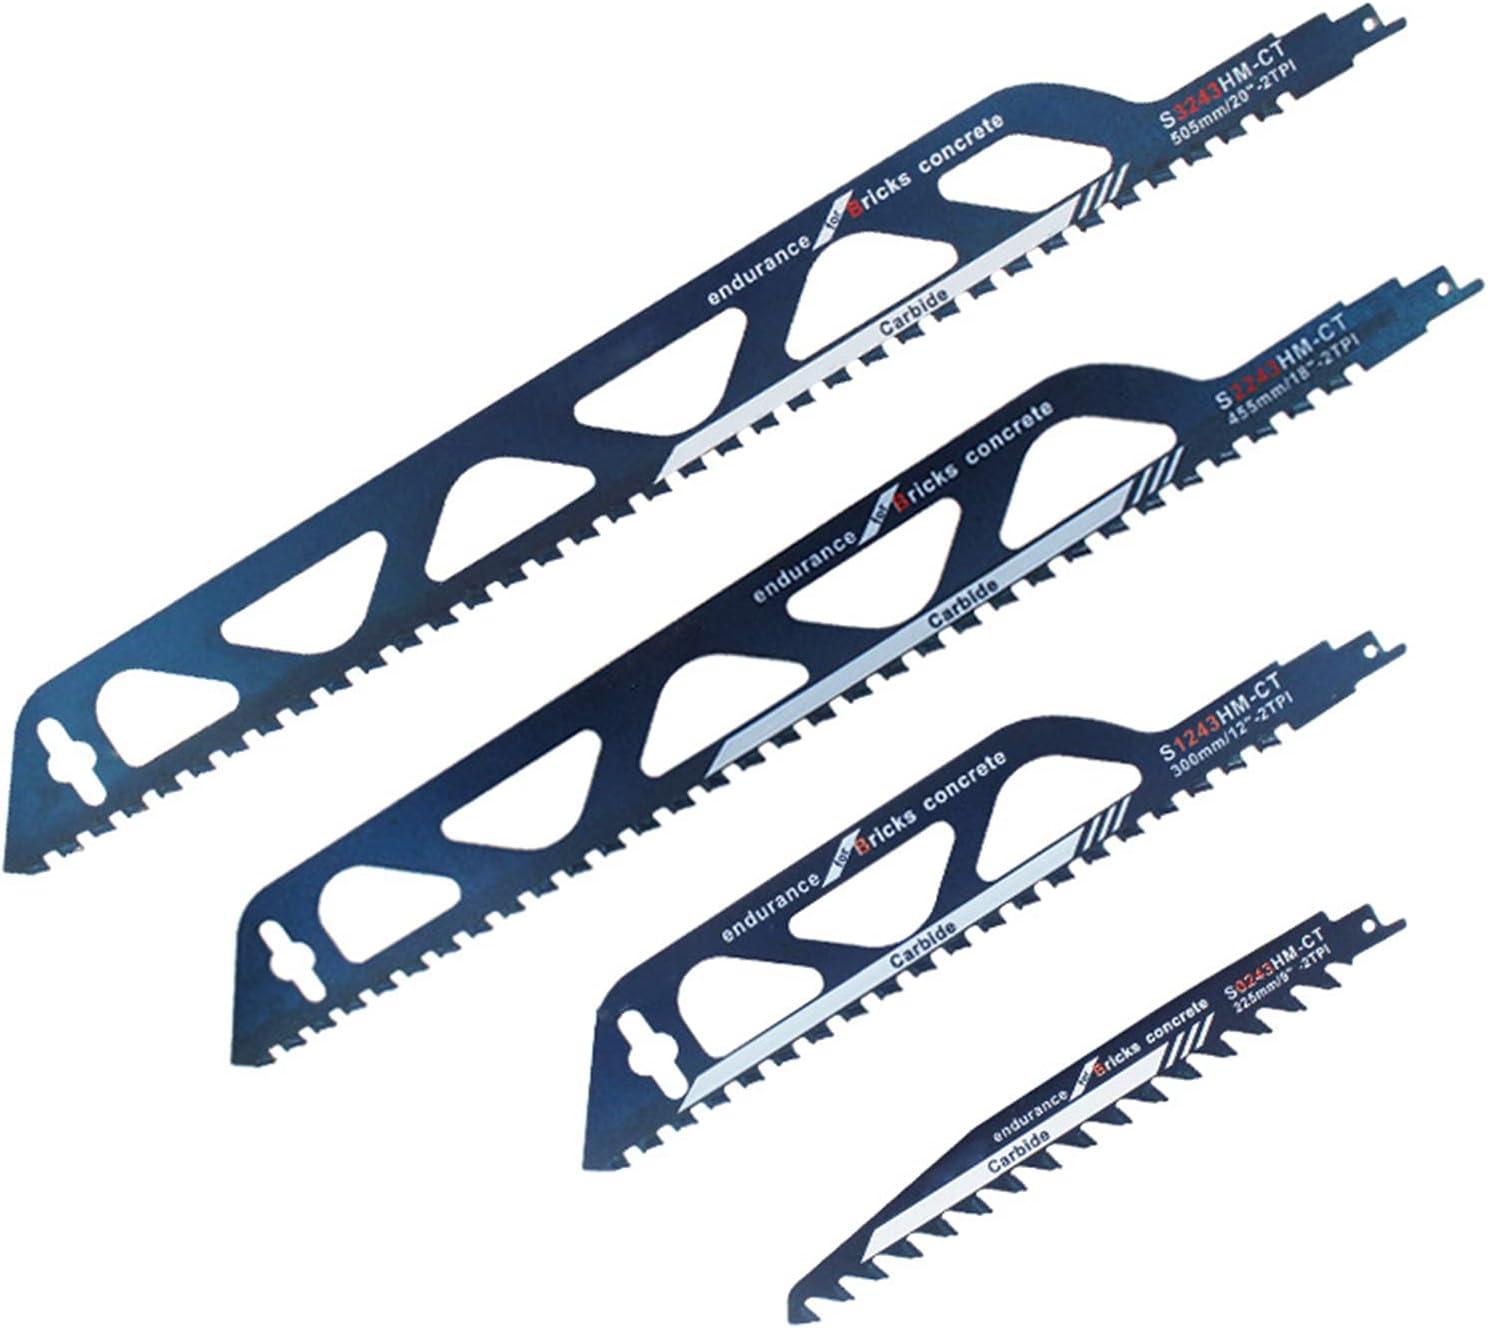 Hoja de sierra de aleación dura para cortar madera, cemento y ladrillo, hoja de sierra alternativa para sierra de sable, hojas de sierra alternativa para corte de metal